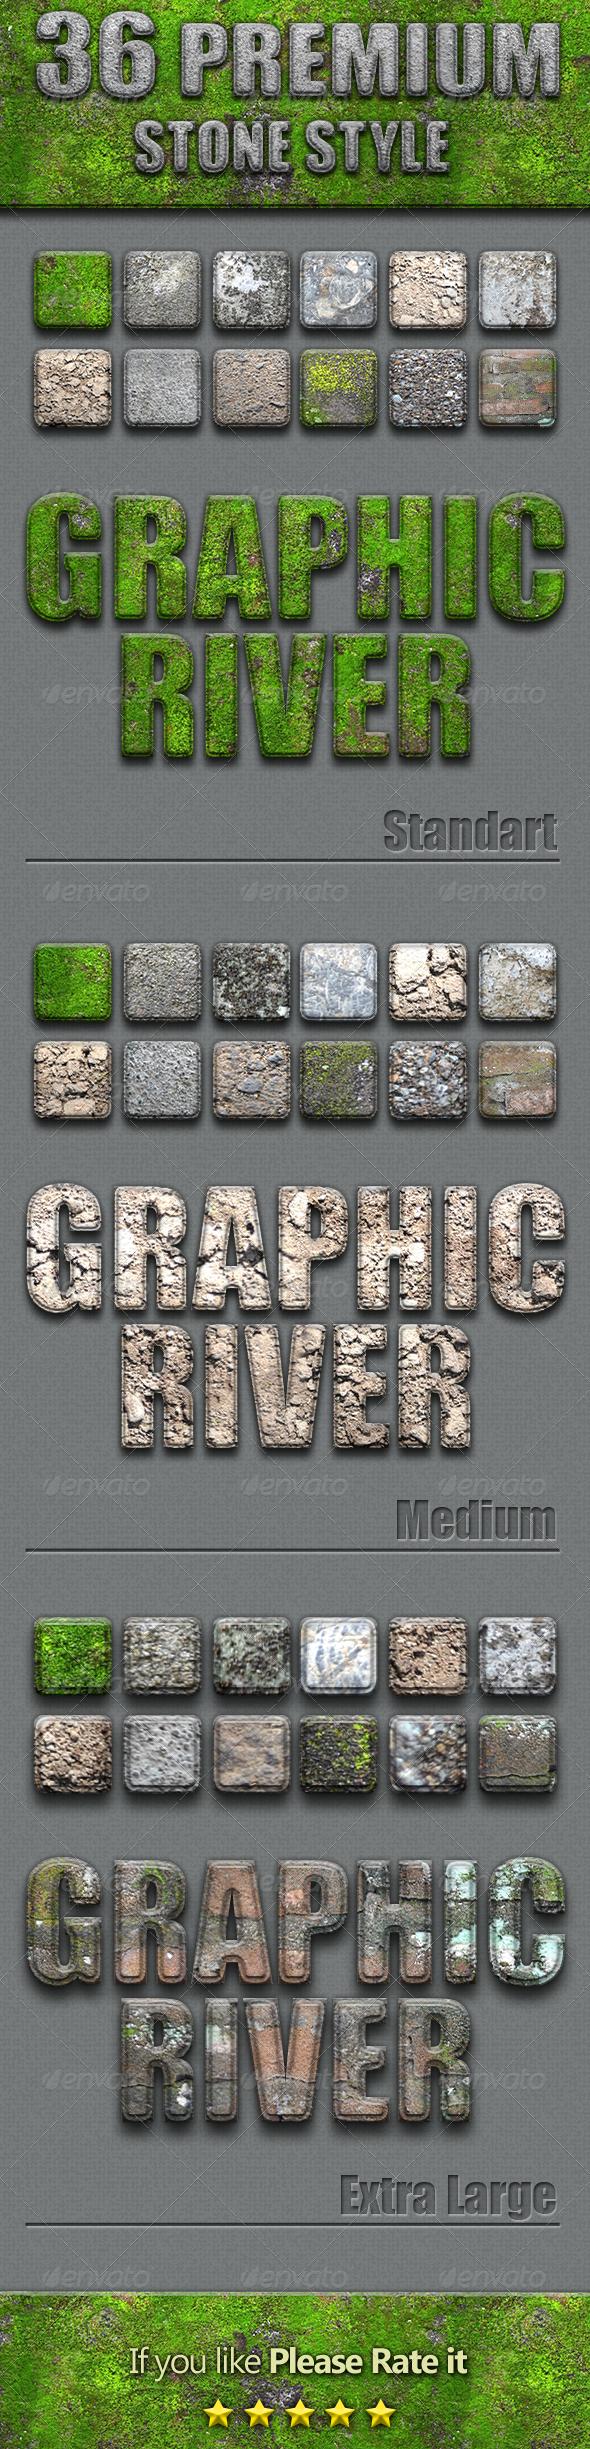 GraphicRiver 36 Premium Stone Style 4270238